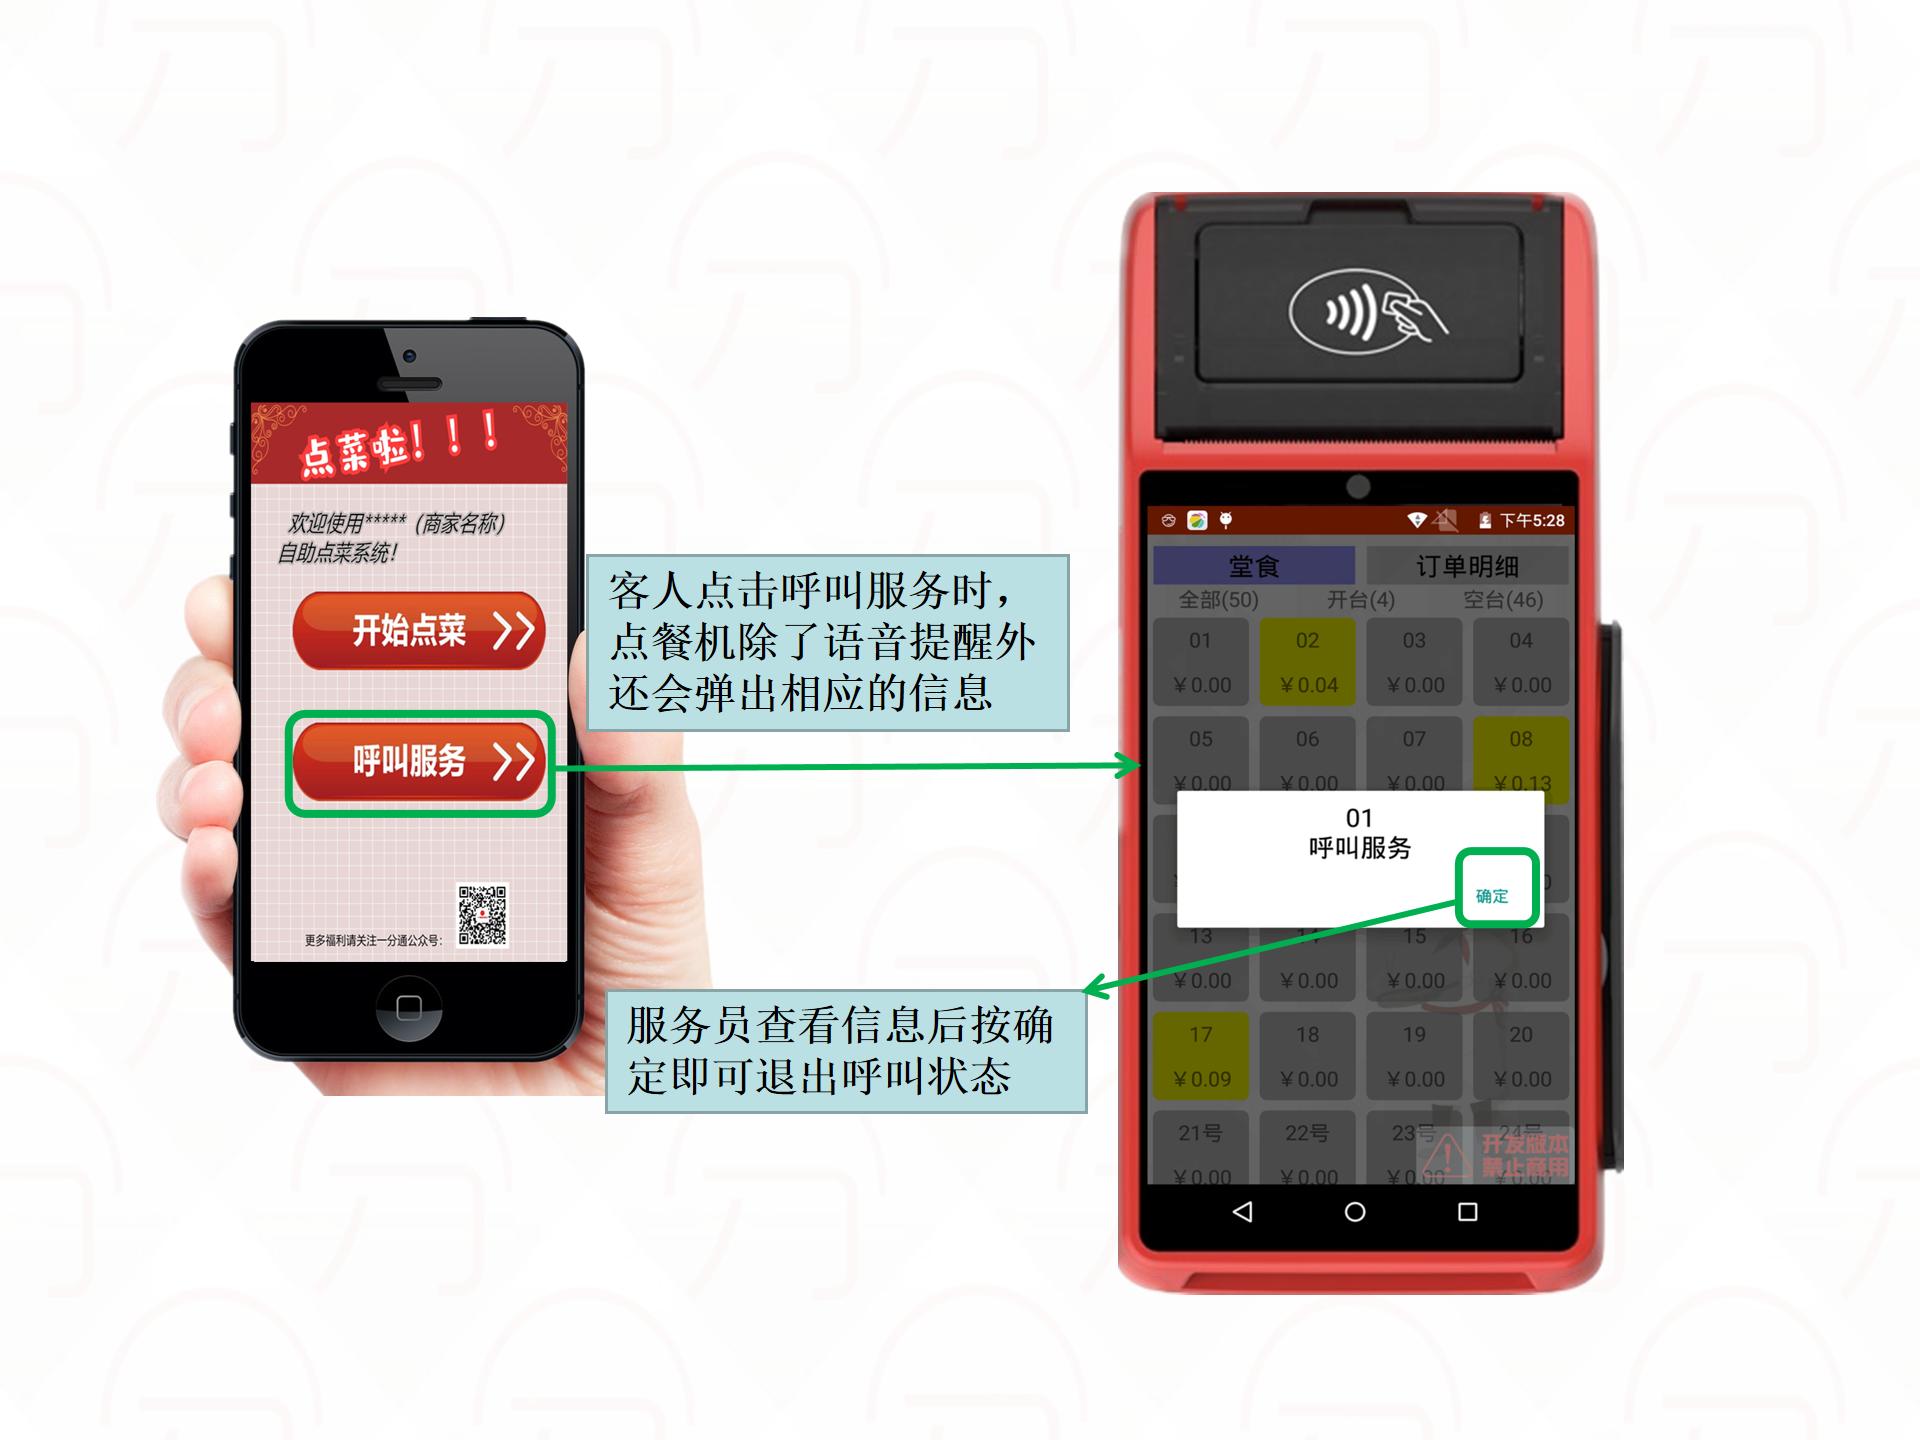 VIP会员积分系统哪家好_电子行业专用软件-深圳市中贤在线技术有限公司